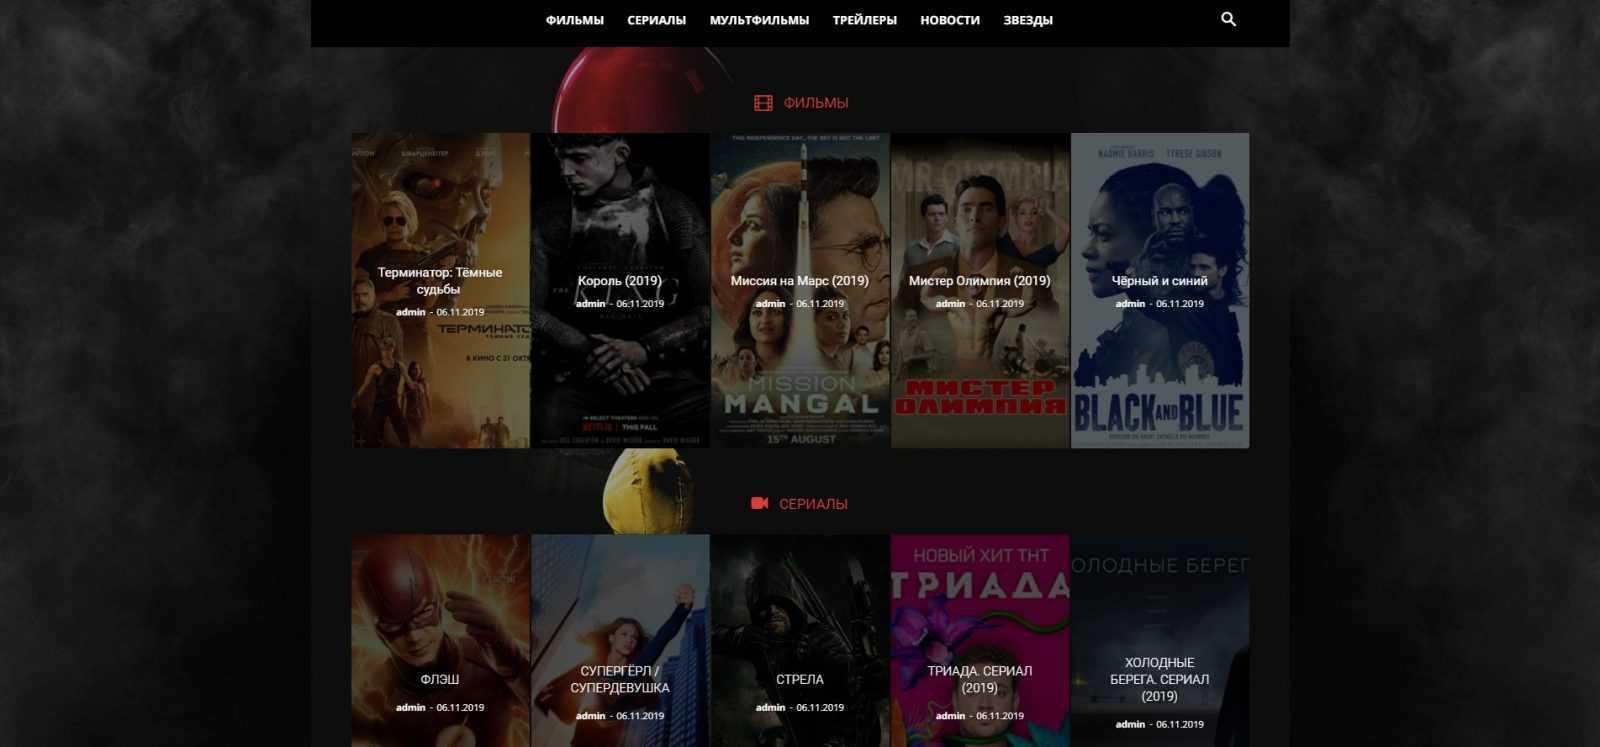 Автонаполняемый сайт Линия кино